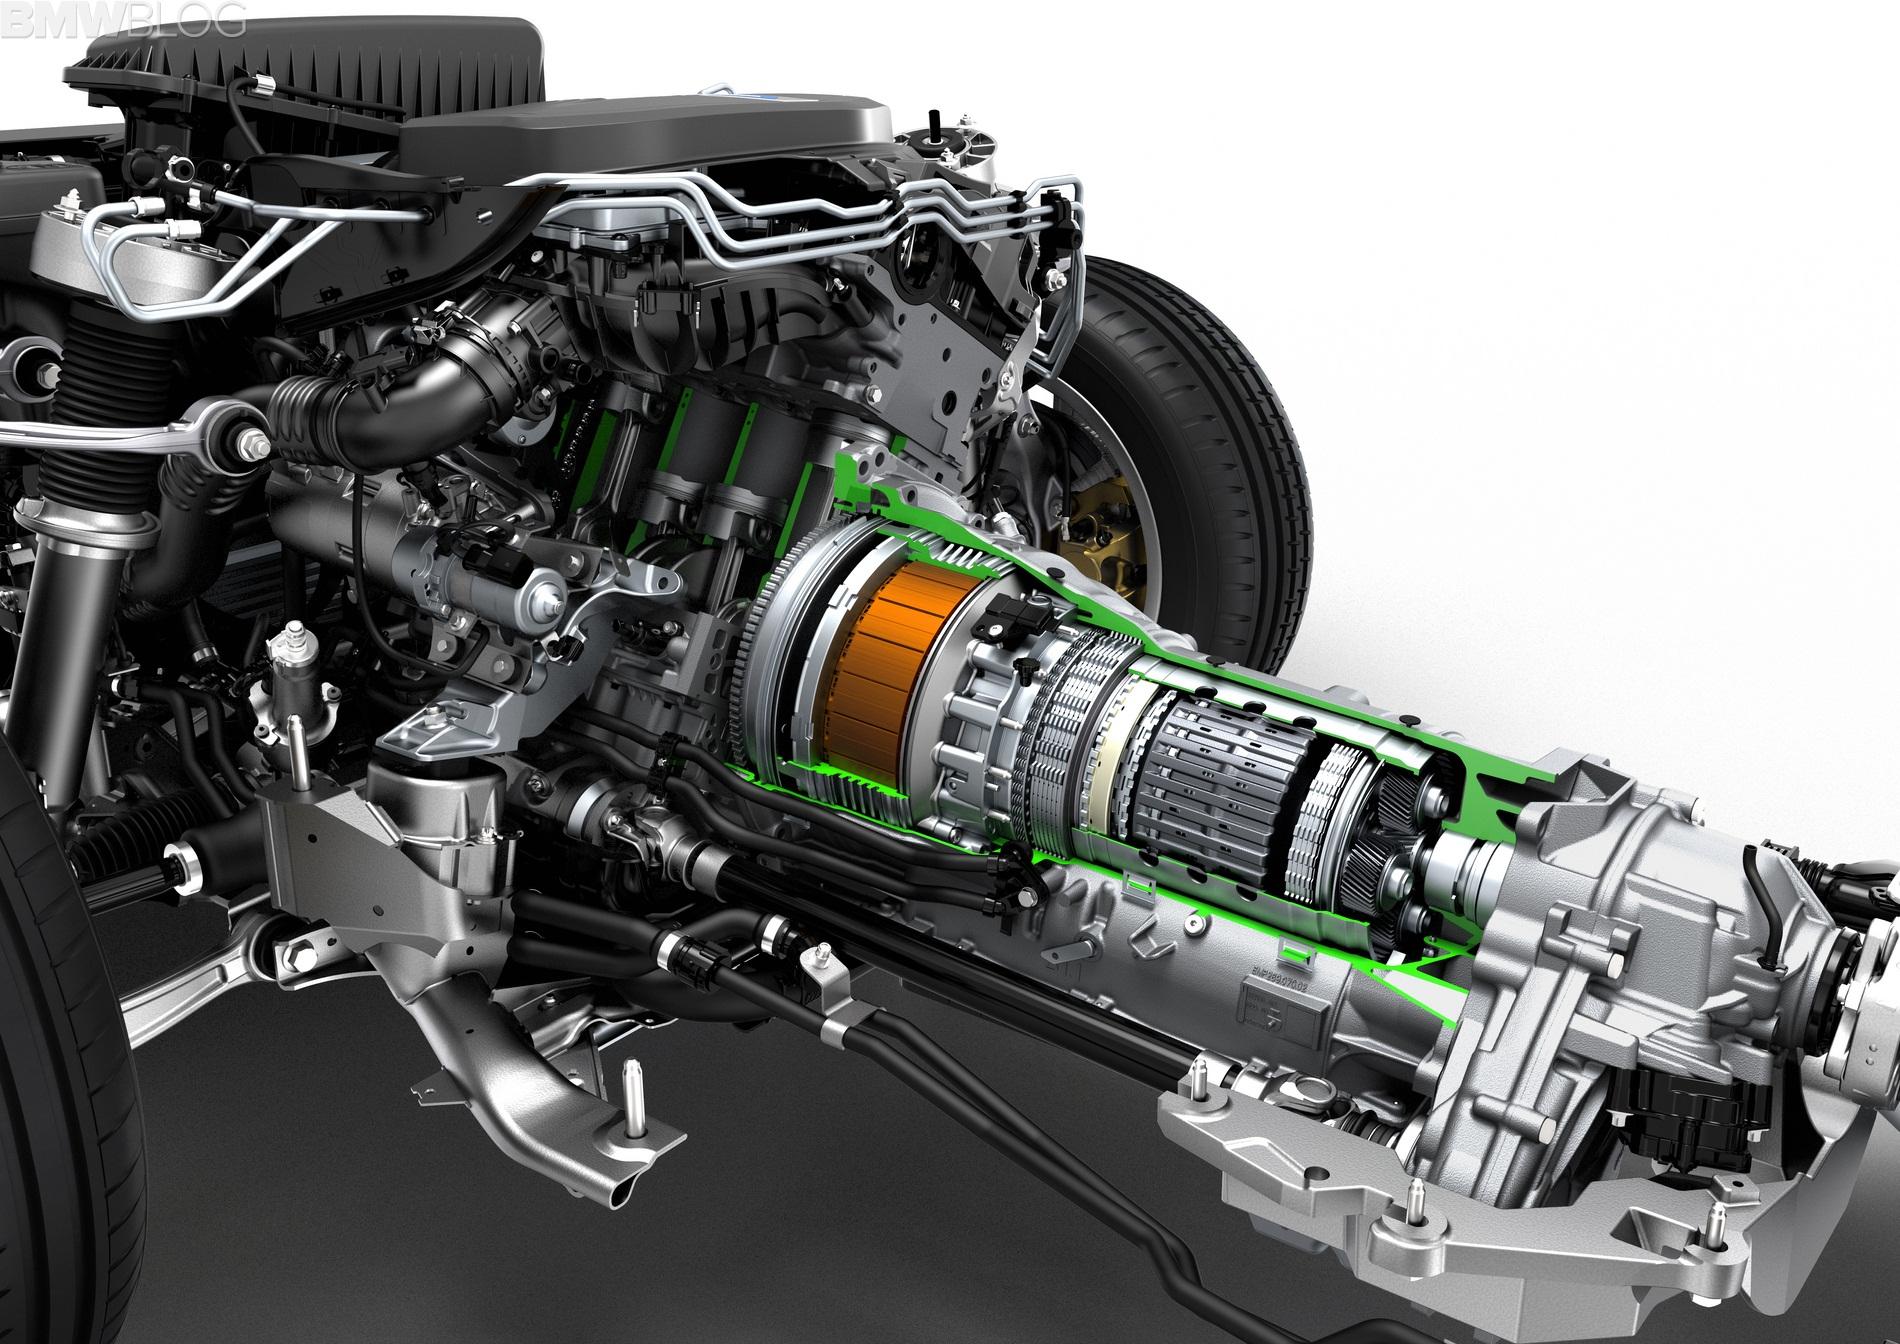 Bmw X5 Edrive Hybrid Test Drive 50 750x530